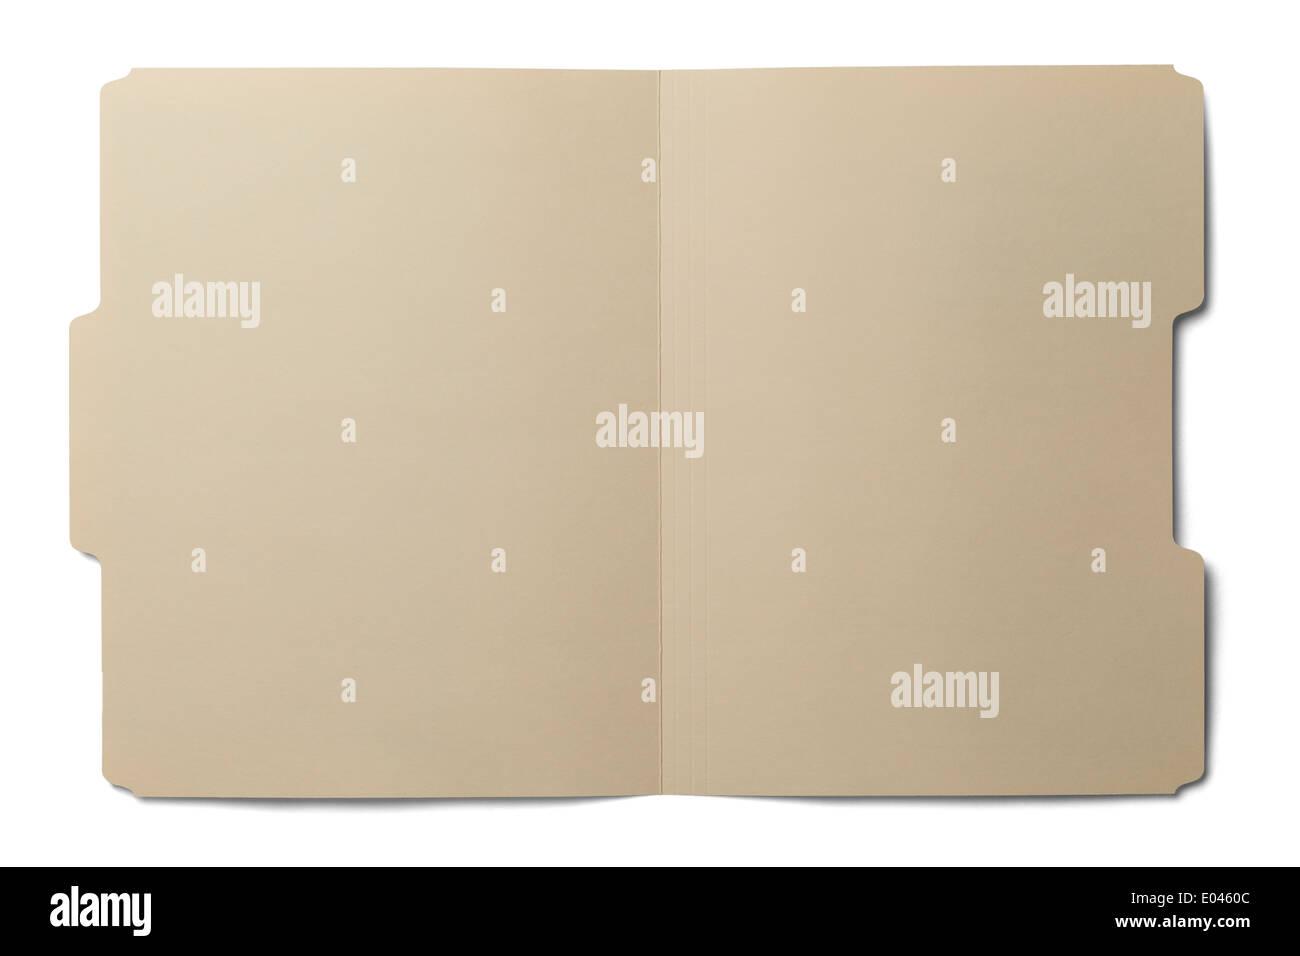 Manila folder open and empty isolated on white background. - Stock Image